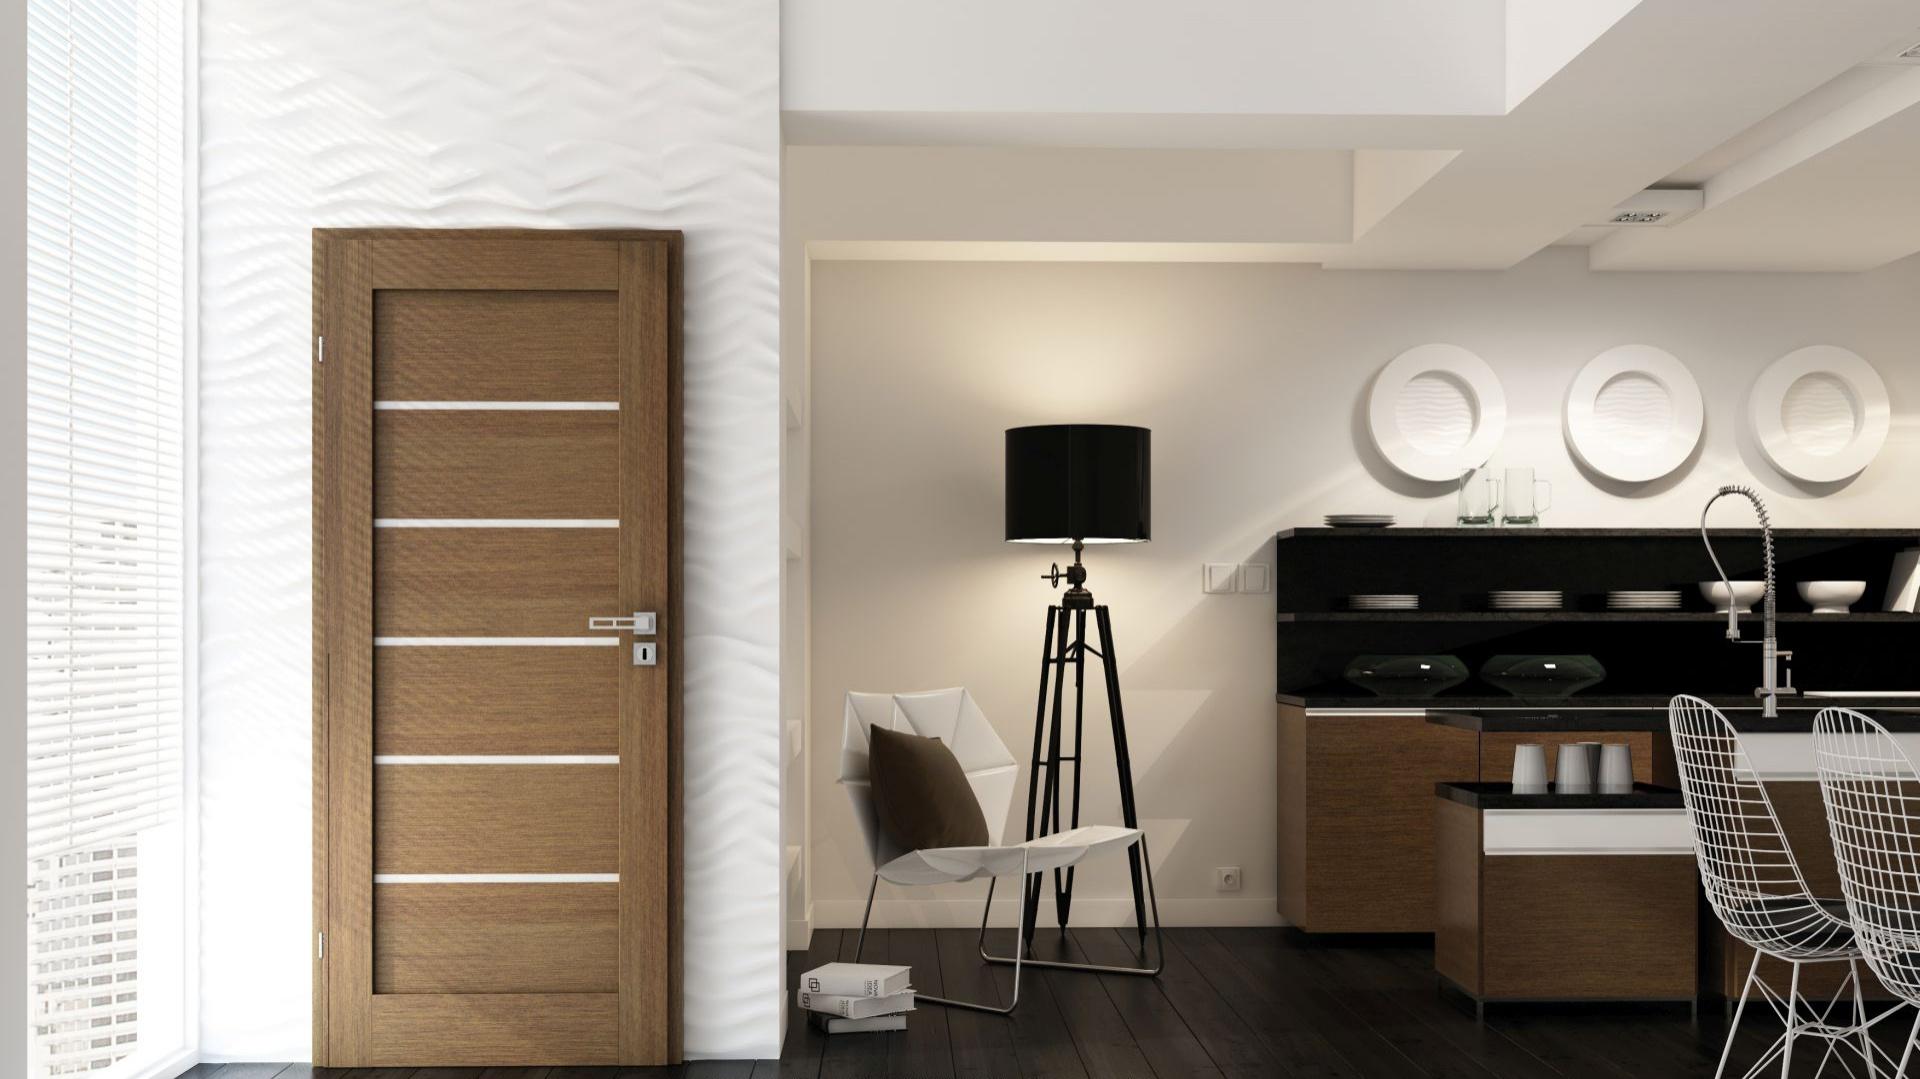 Tradycyjne, masywne drzwi doskonale prezentują się w klasycznie urządzonych wnętrzach. Kolekcja Domino wyróżnia się nie tylko jakością, która zapewnia trwałość na lata, ale także ponadczasową stylistyką. Fot. Invado